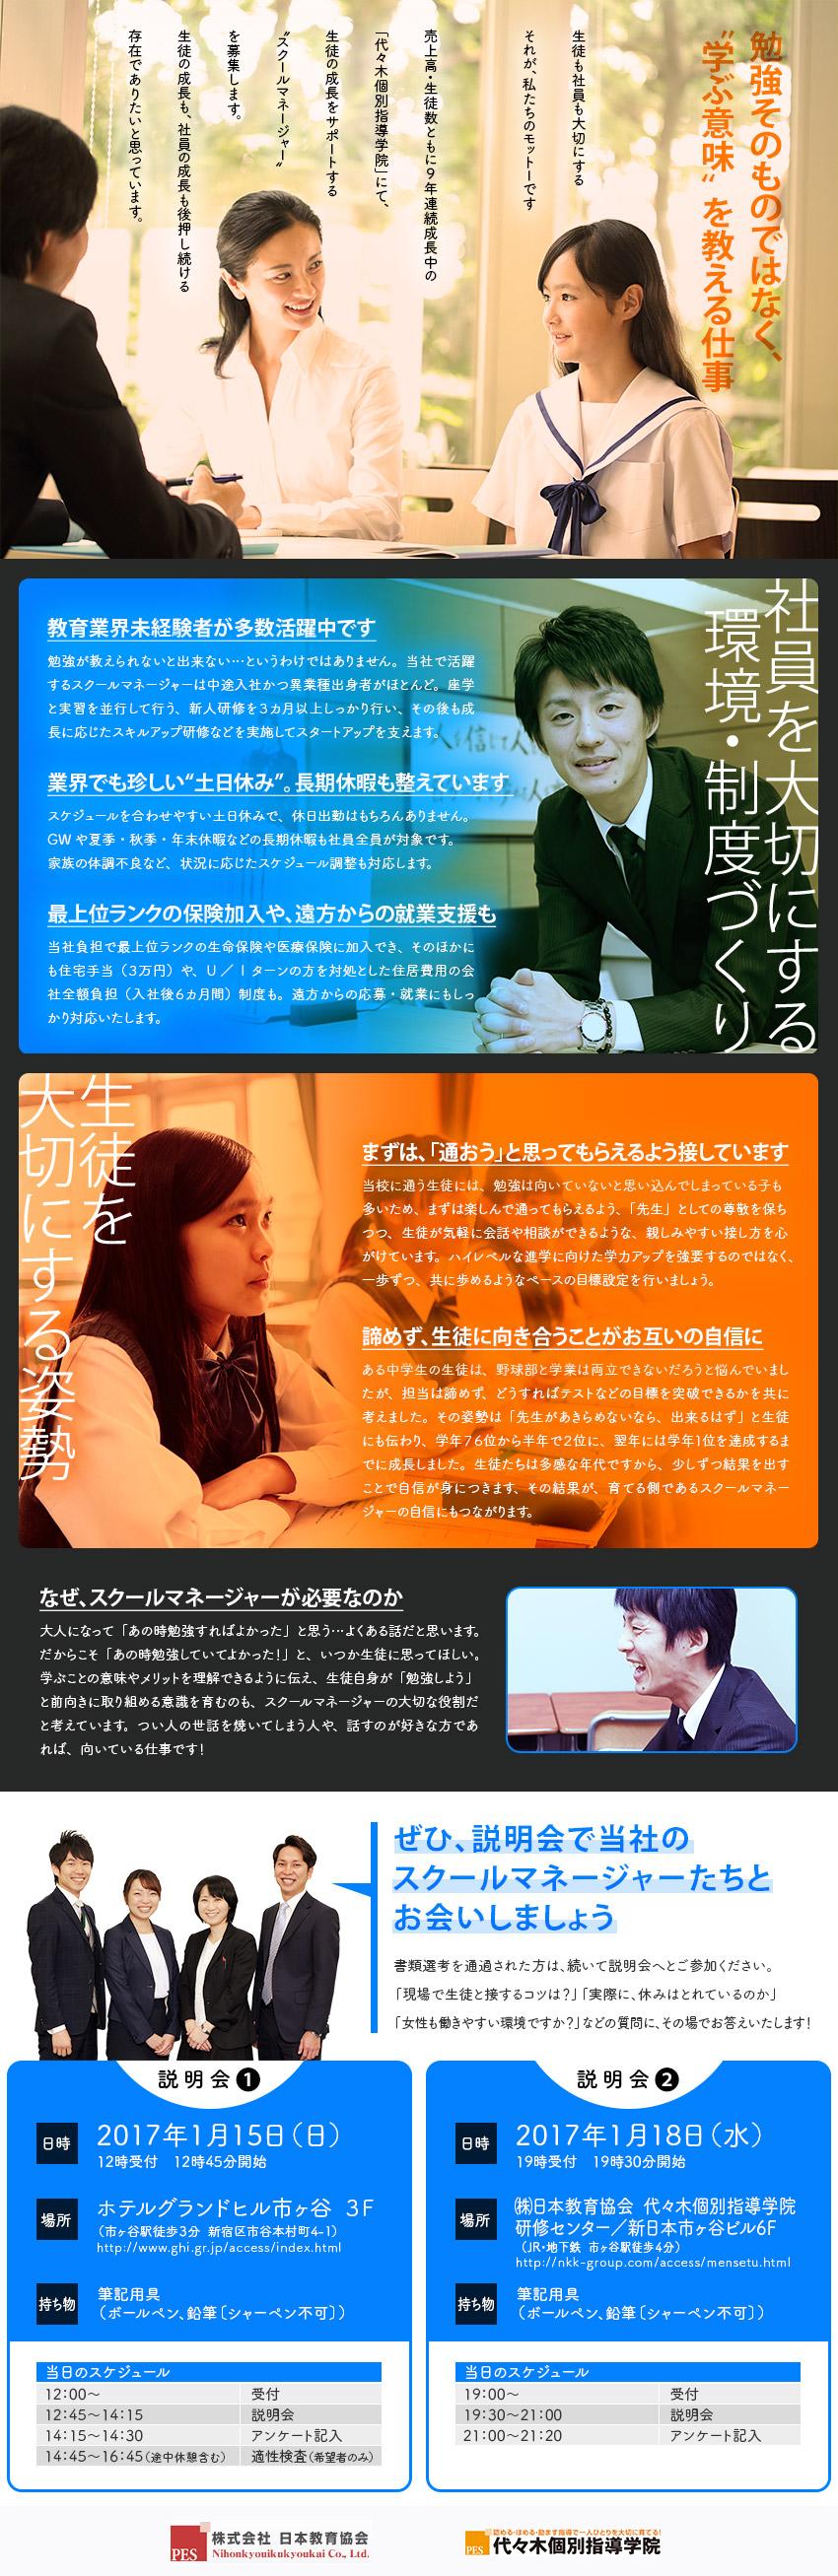 株式会社日本教育協会(代々木個別指導学院)/未経験歓迎のスクールマネージャー候補/土日休み/生徒・保護者への提案業務もお任せしますの求人PR - 転職ならDODA(デューダ)